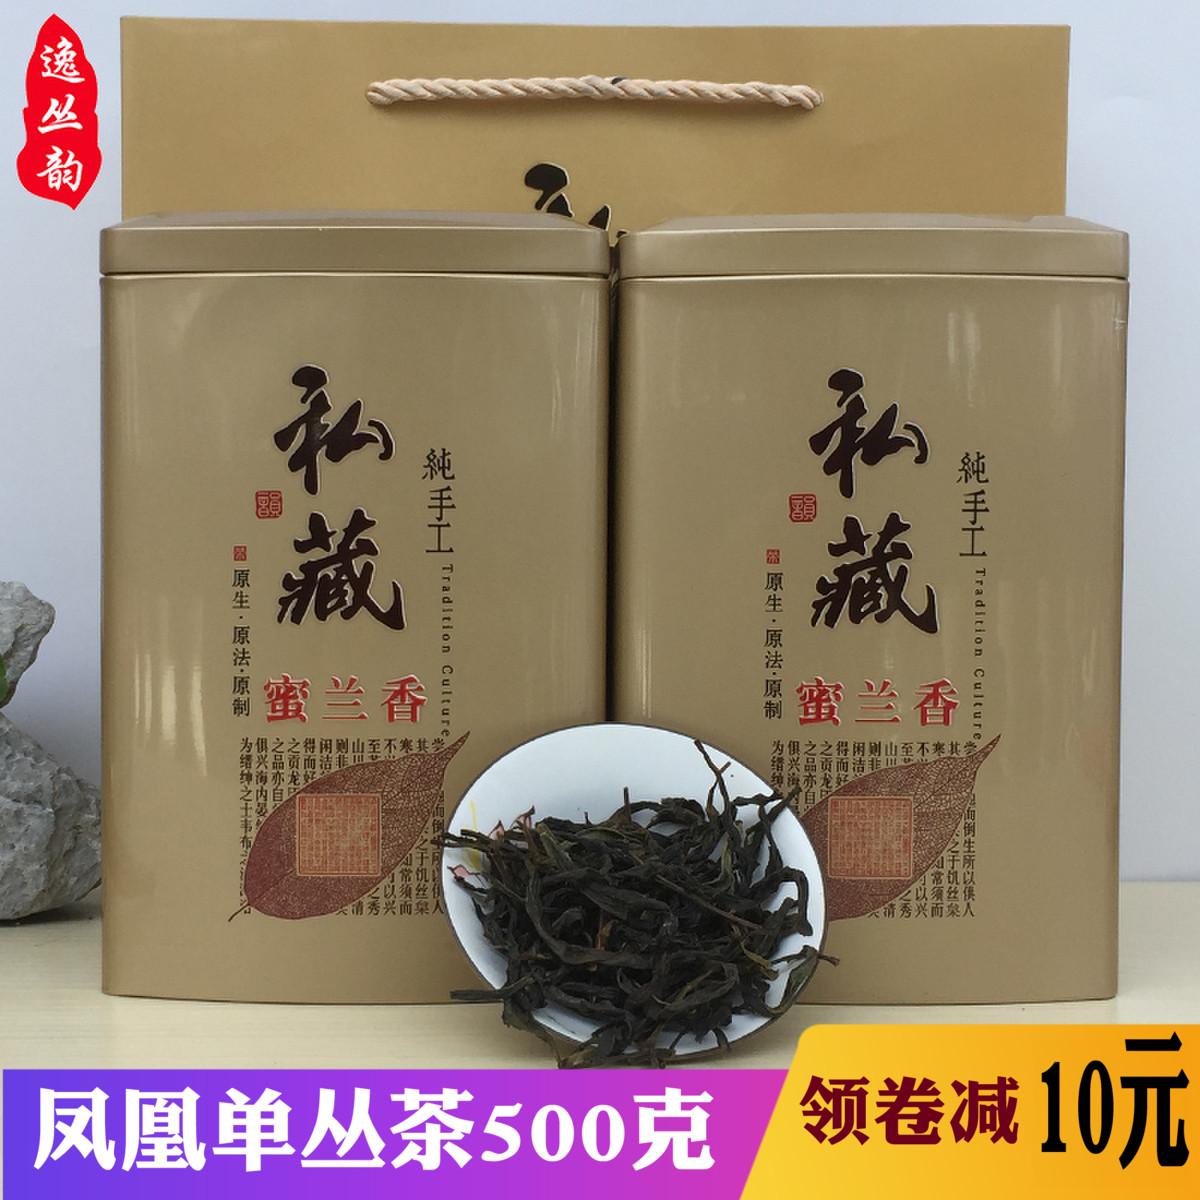 逸丛韵 潮州凤凰高山单枞茶叶特级蜜兰香500克清香型新品罐装礼盒